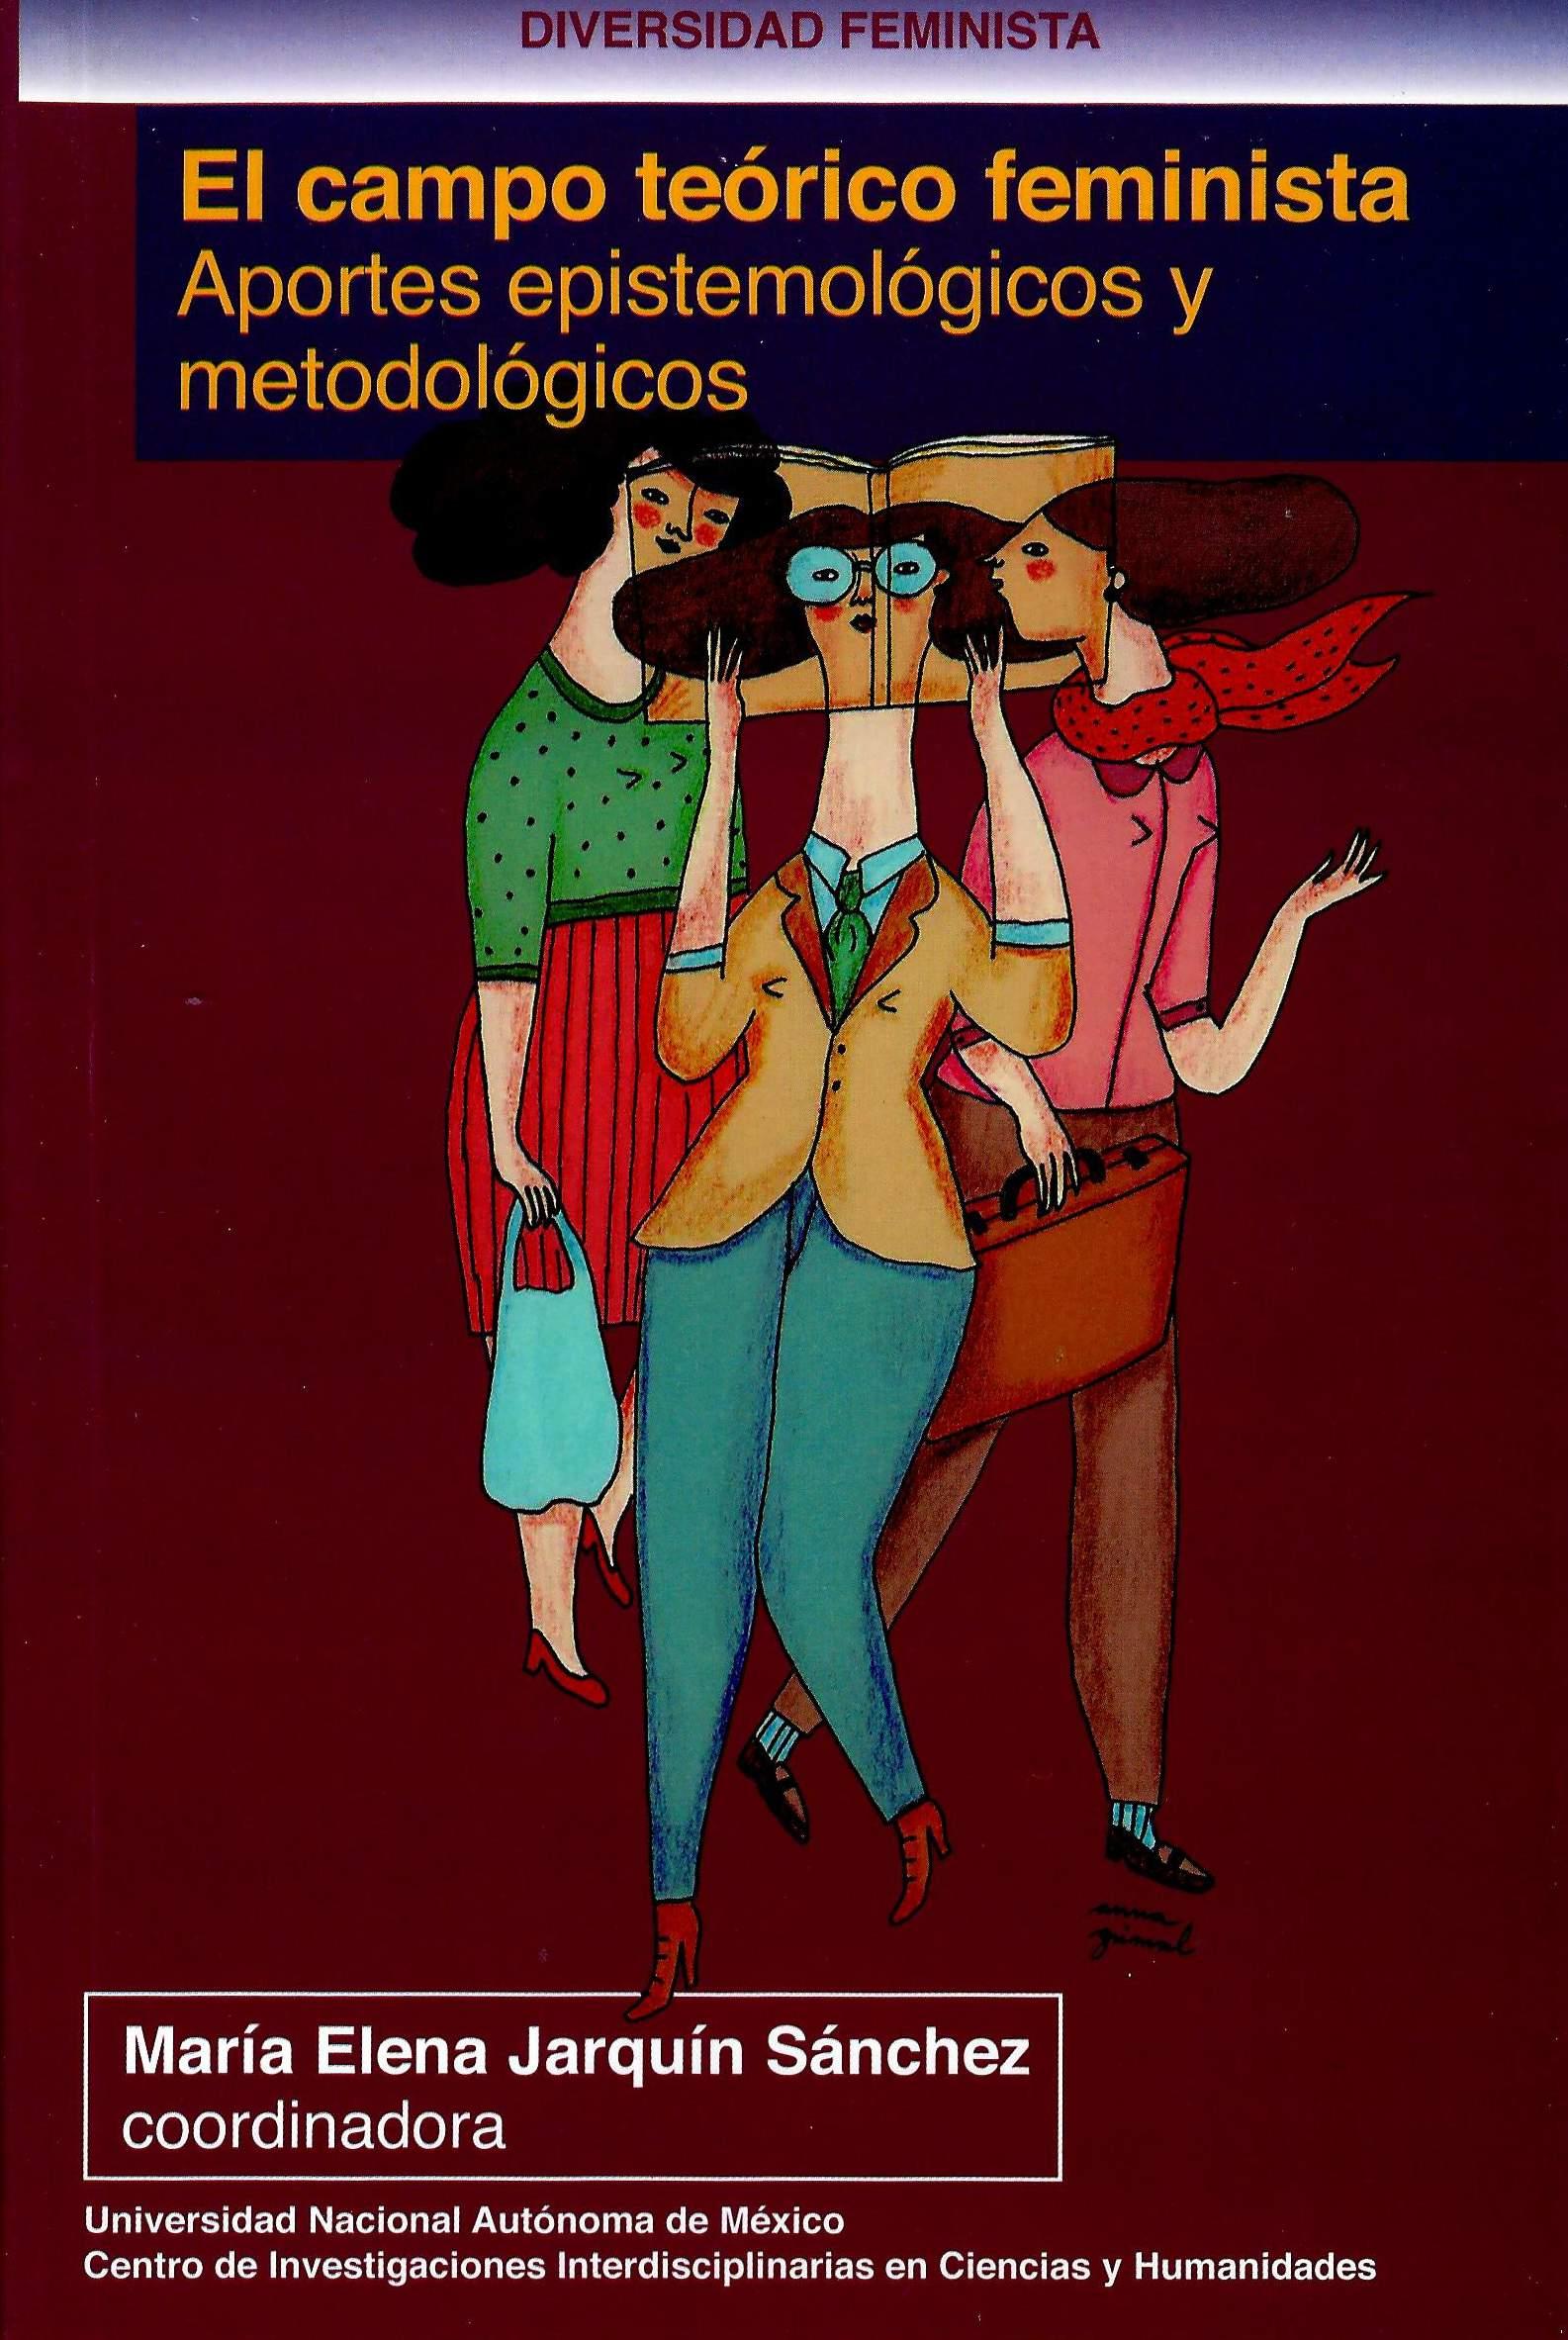 El campo teórico feminista: aportes epistemológicos y metodológicos